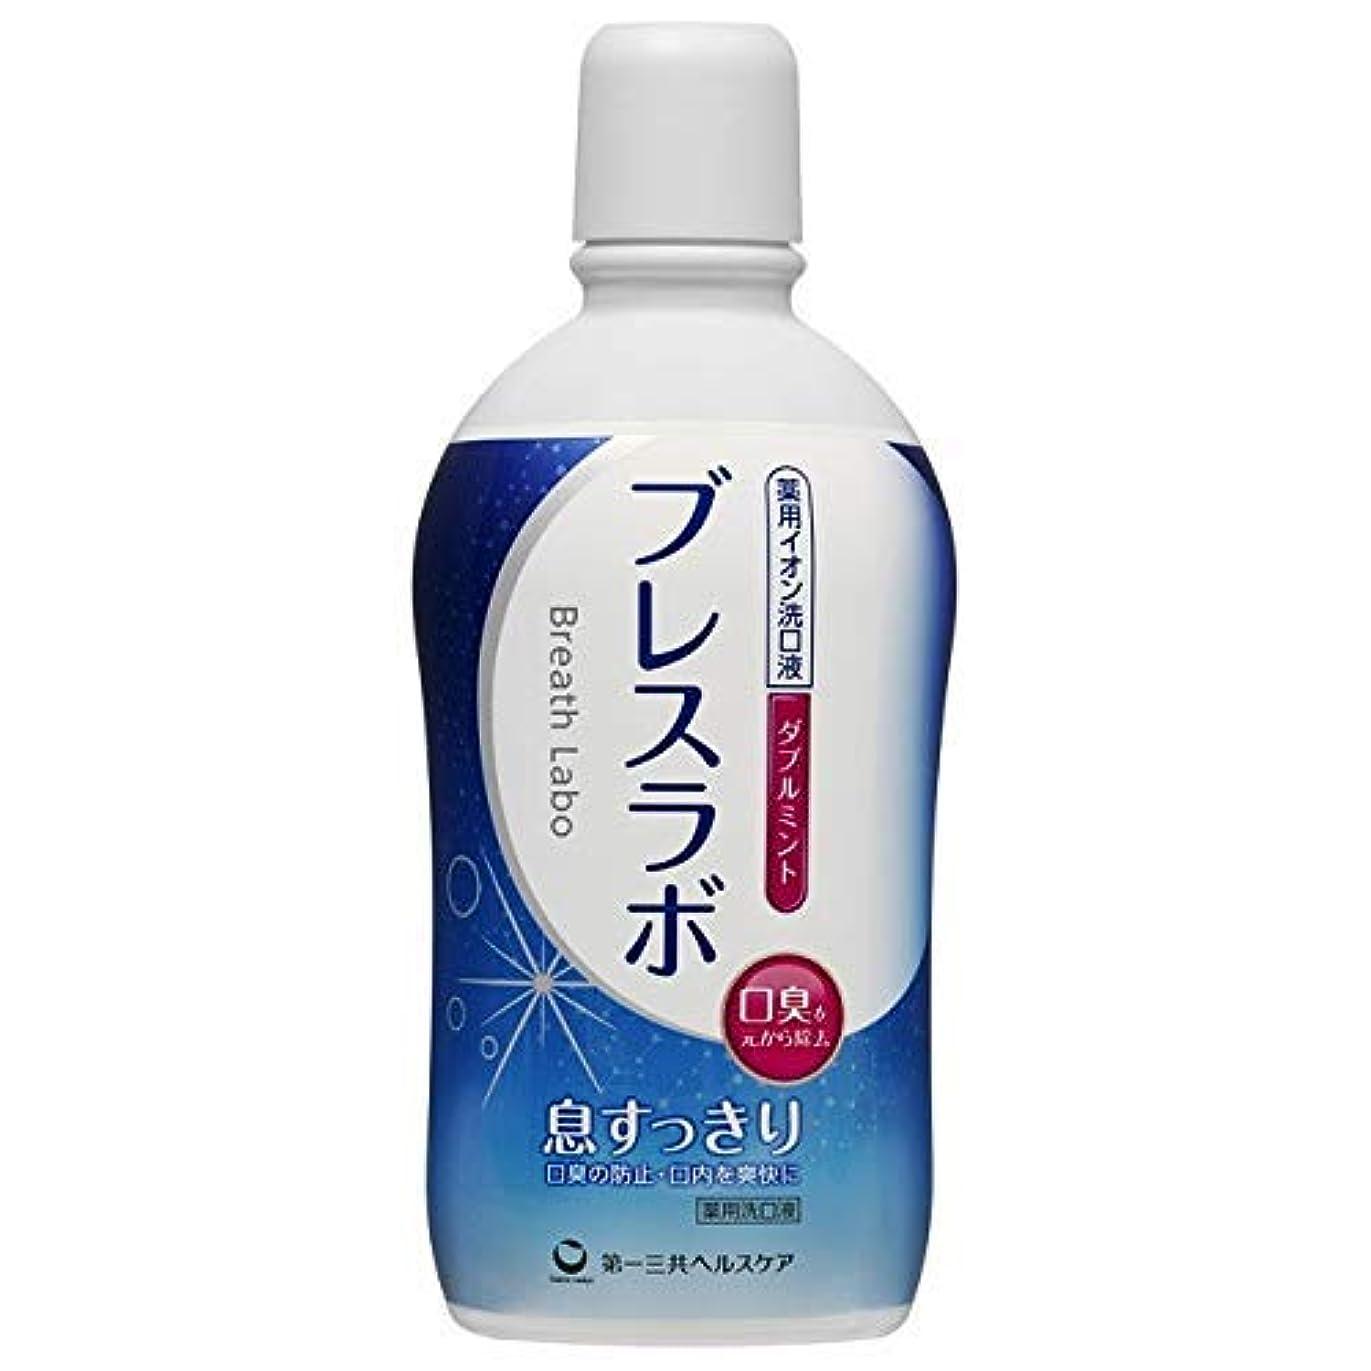 公然と戻るパテ第一三共ヘルスケア 薬用イオン洗口液 ブレスラボ マウスウォッシュ ダブルミント 単品 450mL